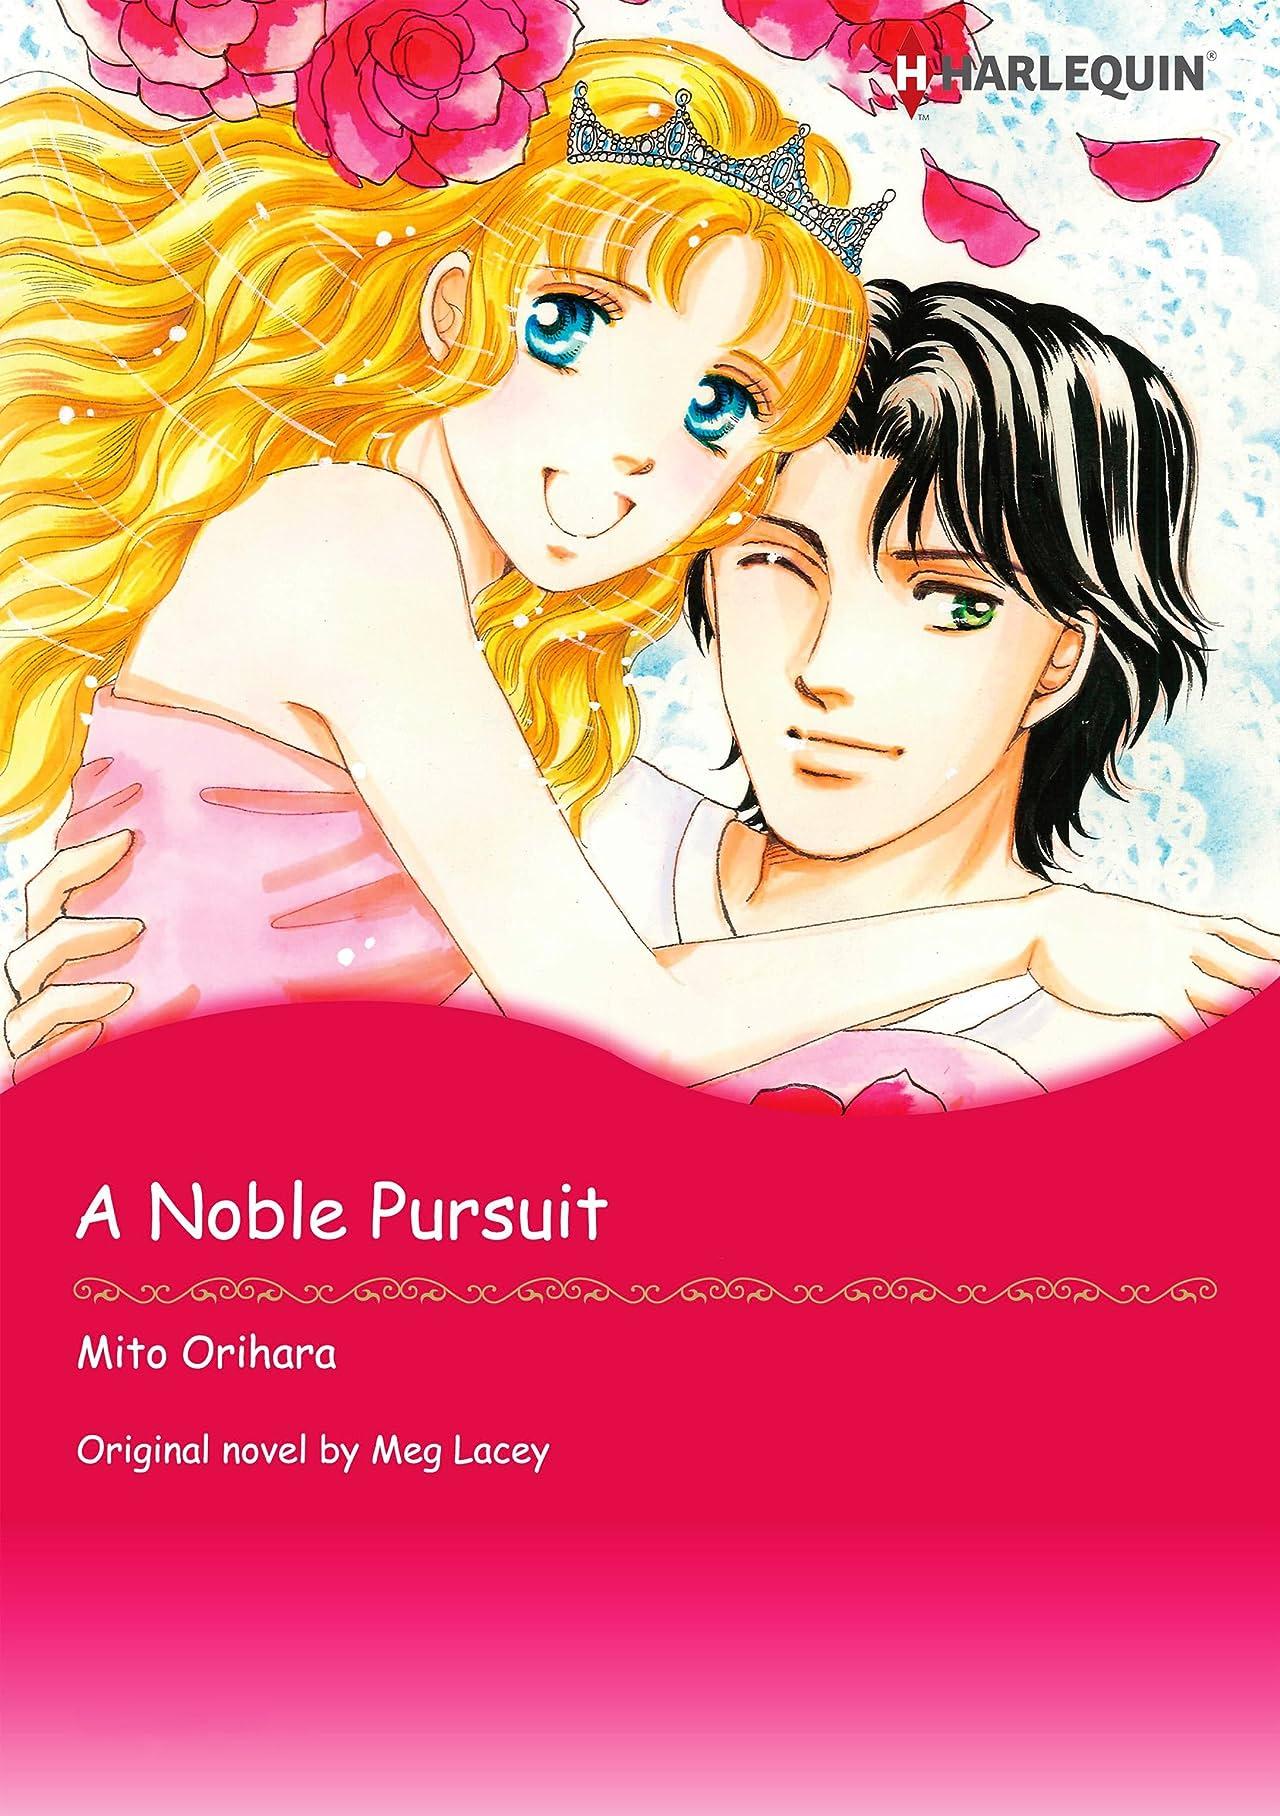 A Noble Pursuit